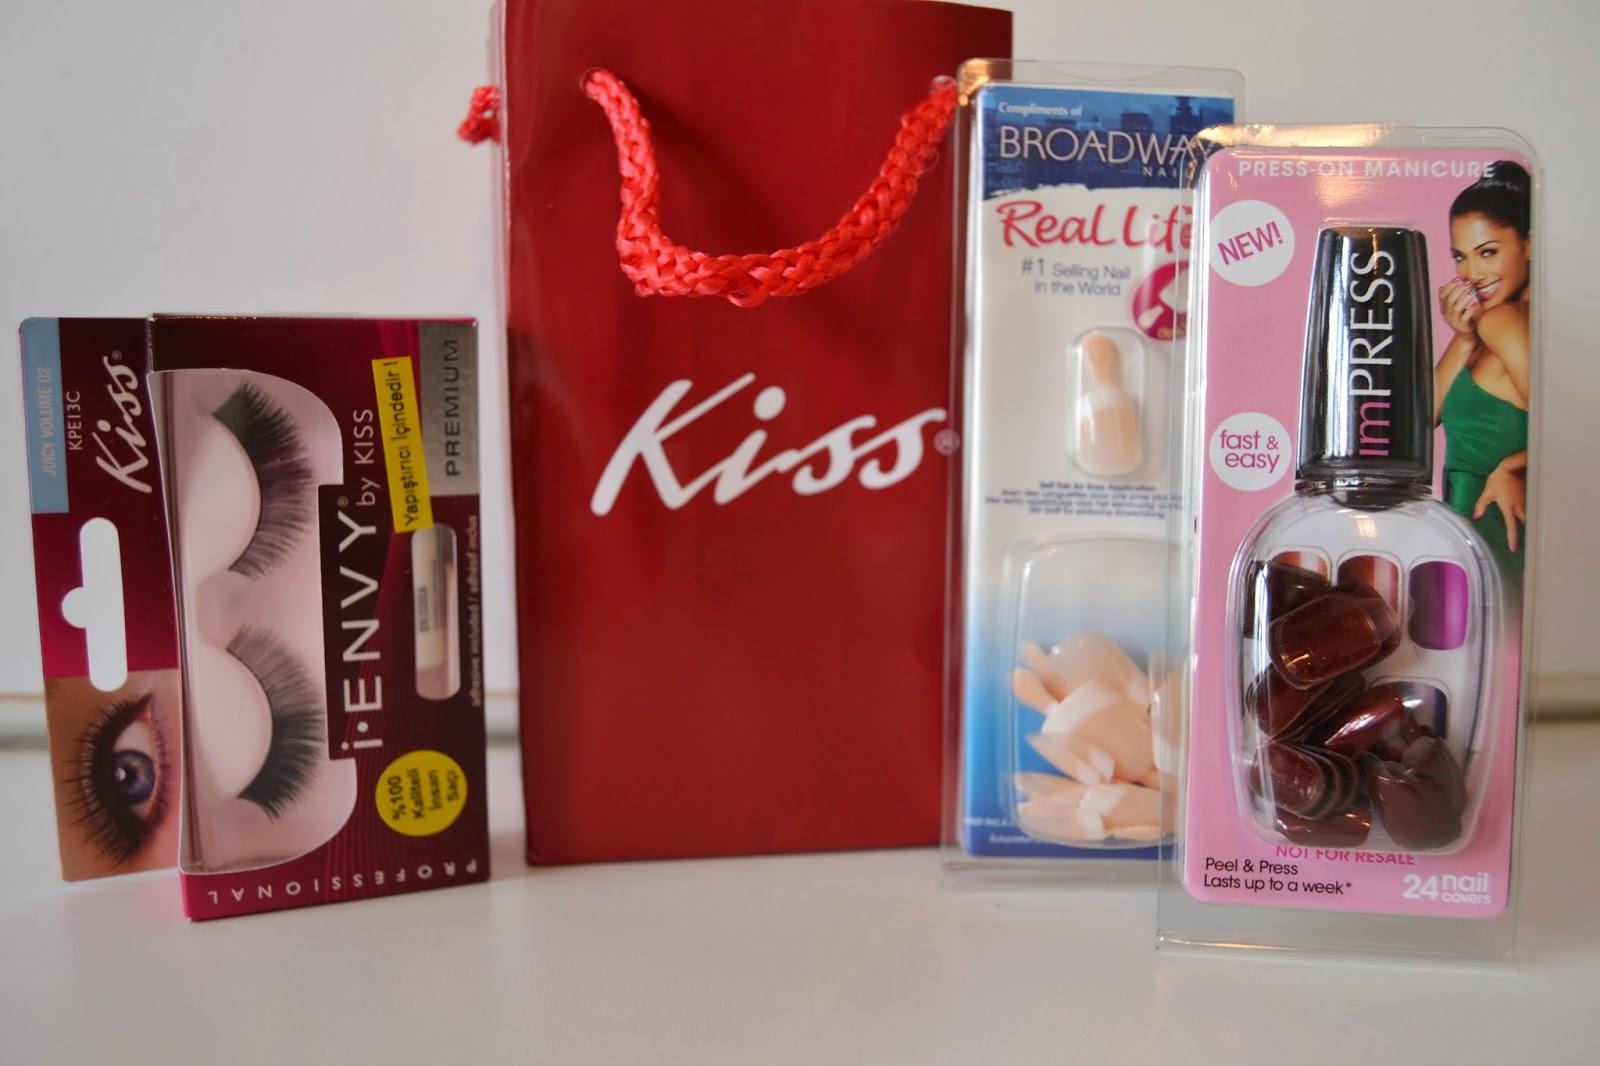 baby shower partisi - baby shower - kliksa - beliz kozmetik - impress - makyaj blogları - güzellik blogları - missha - artebella - gülsha - modagram - panço - klorane - molfix - bebek bezi pastası